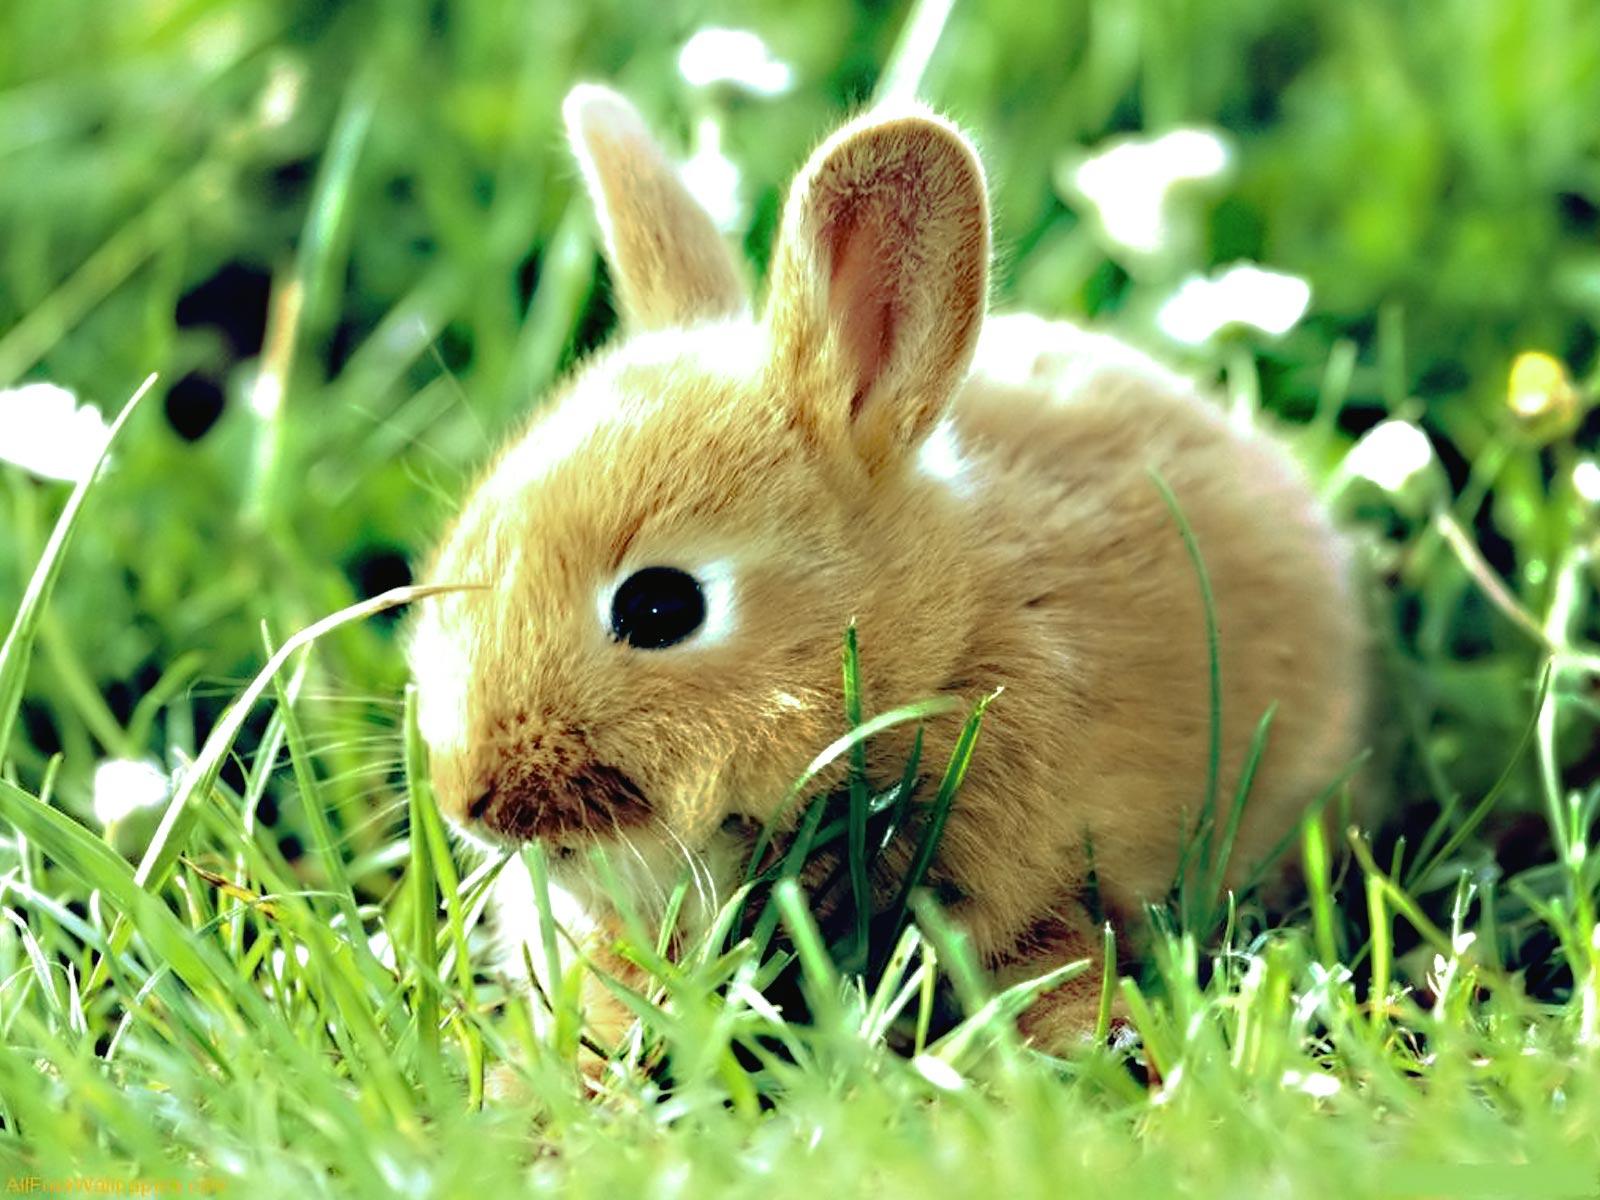 http://2.bp.blogspot.com/-E-JQ1y0Q1fM/TkYev4P98mI/AAAAAAAAC-8/IIl_KPg7TBU/s1600/bunny-1600-x-1200-animal-wallpaper-desktop.jpg